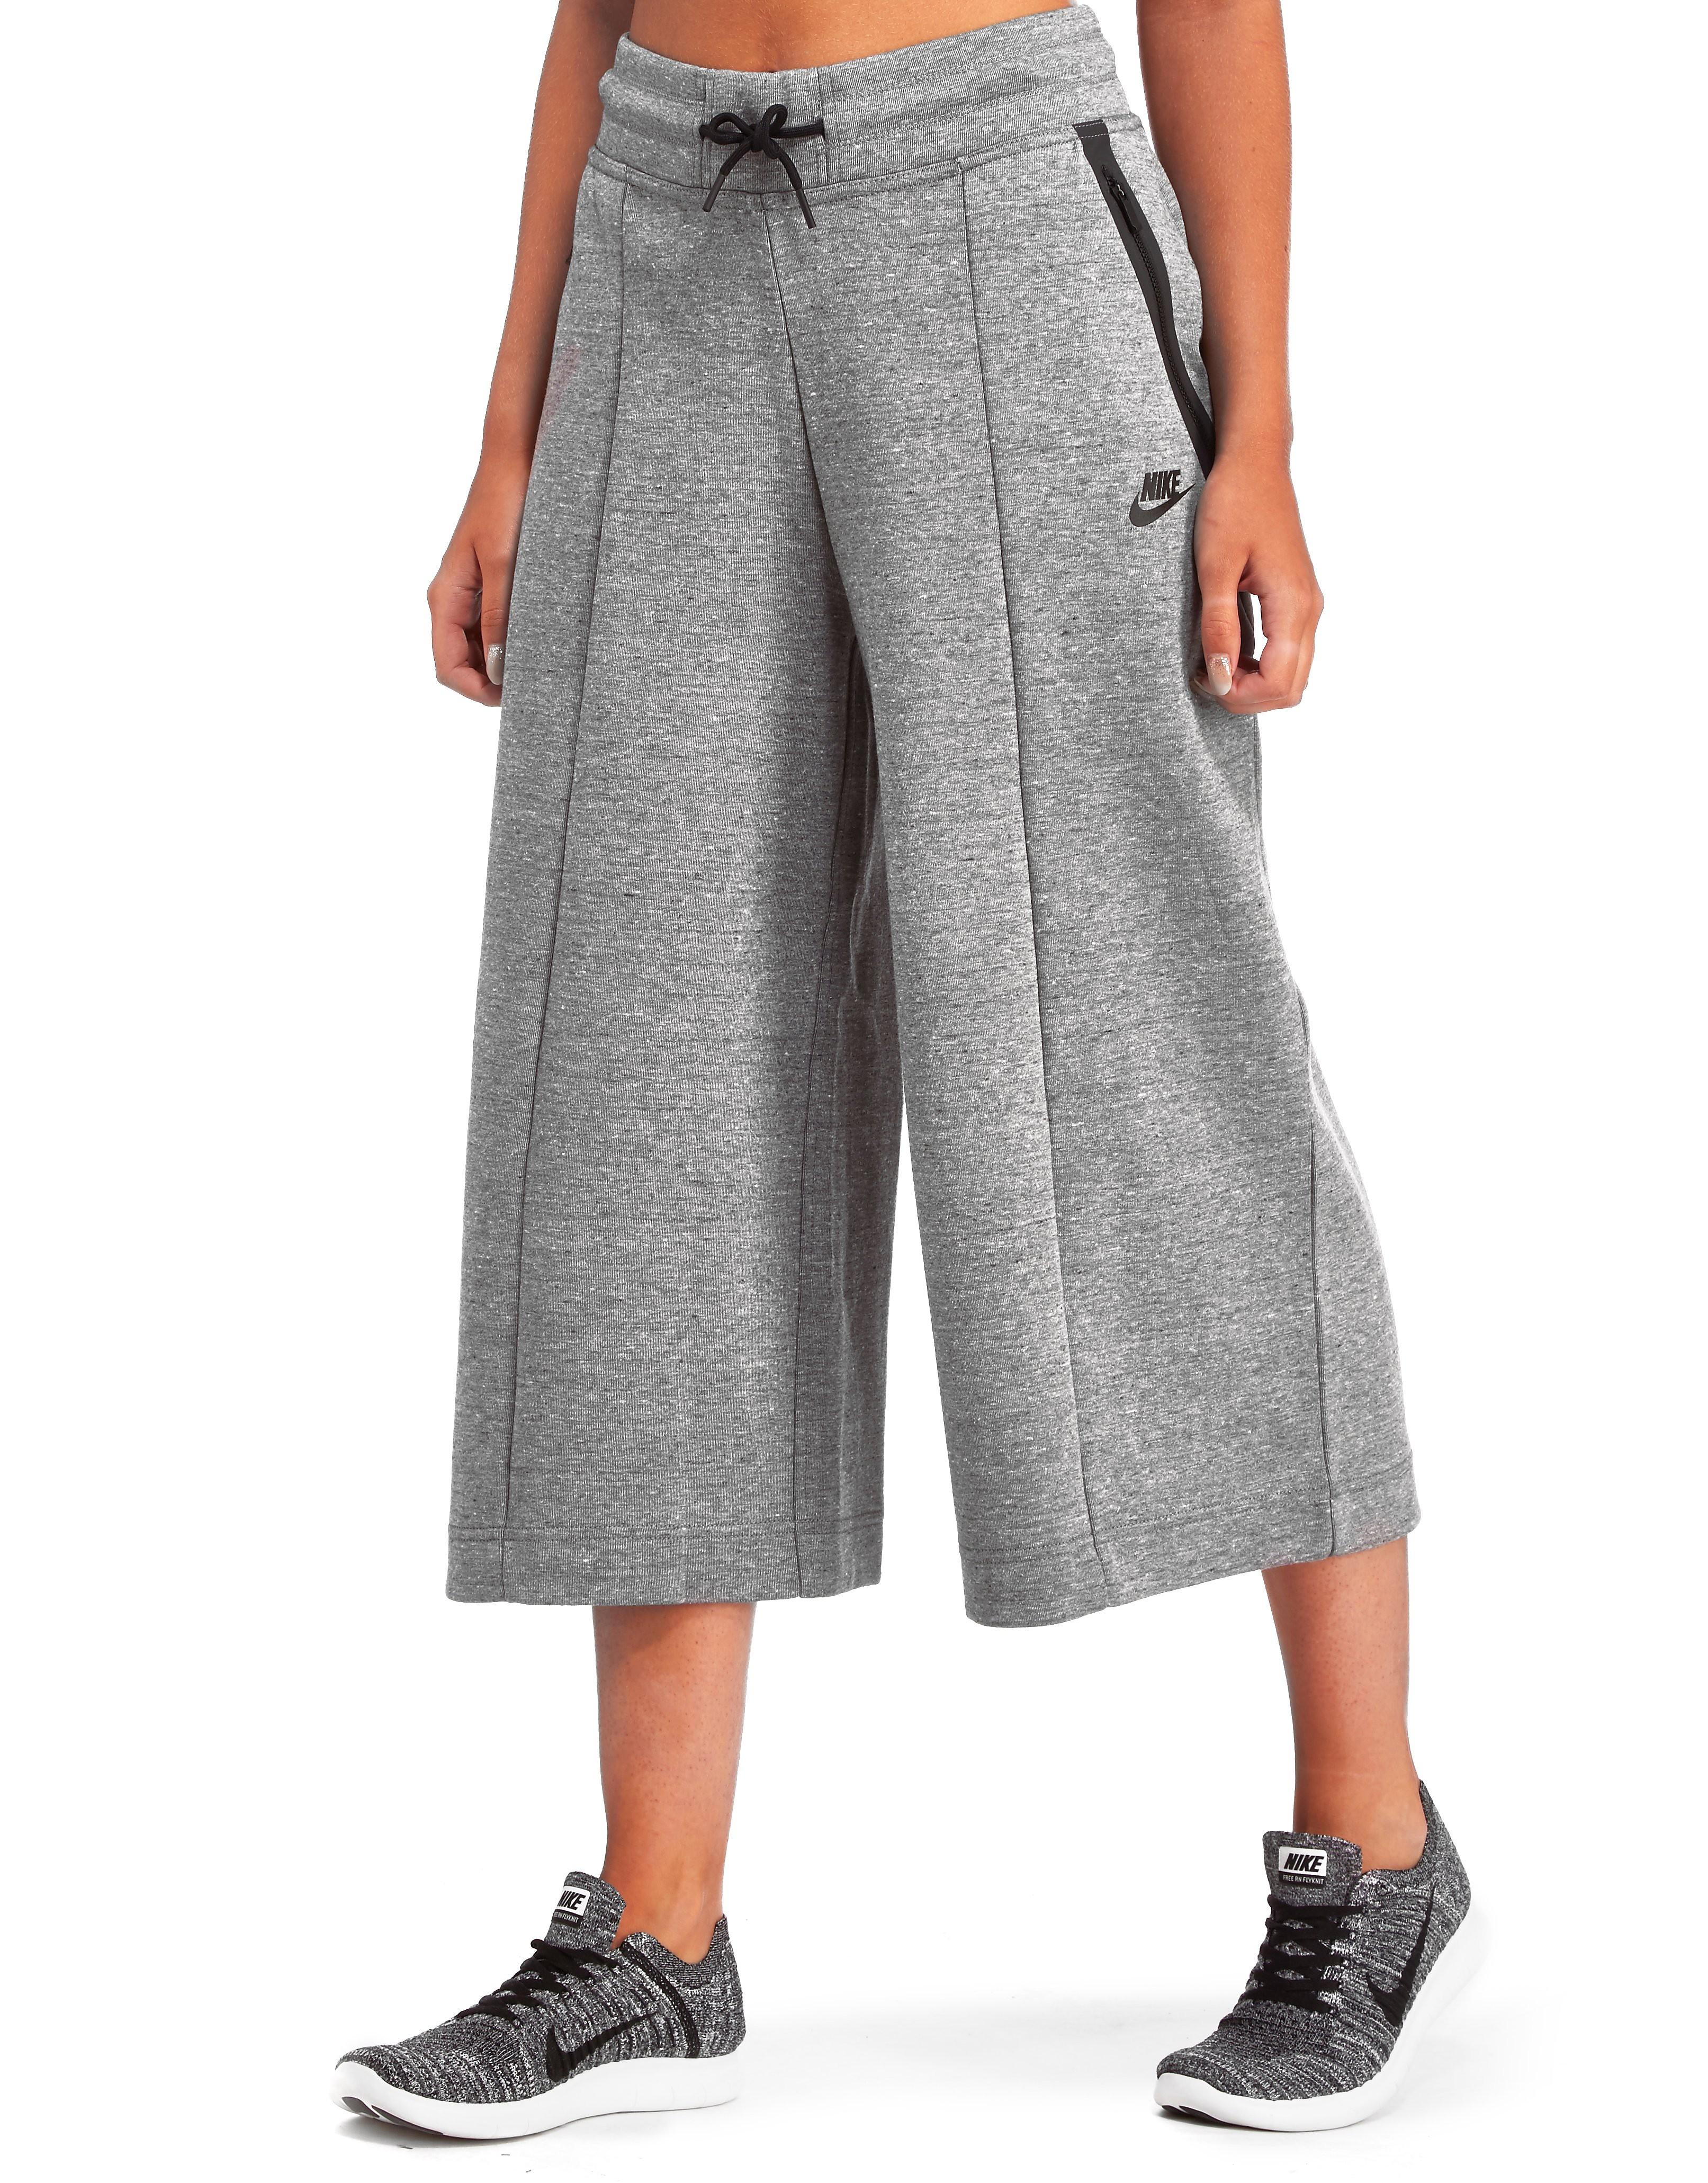 Nike X Tech Fleece Capri Pants